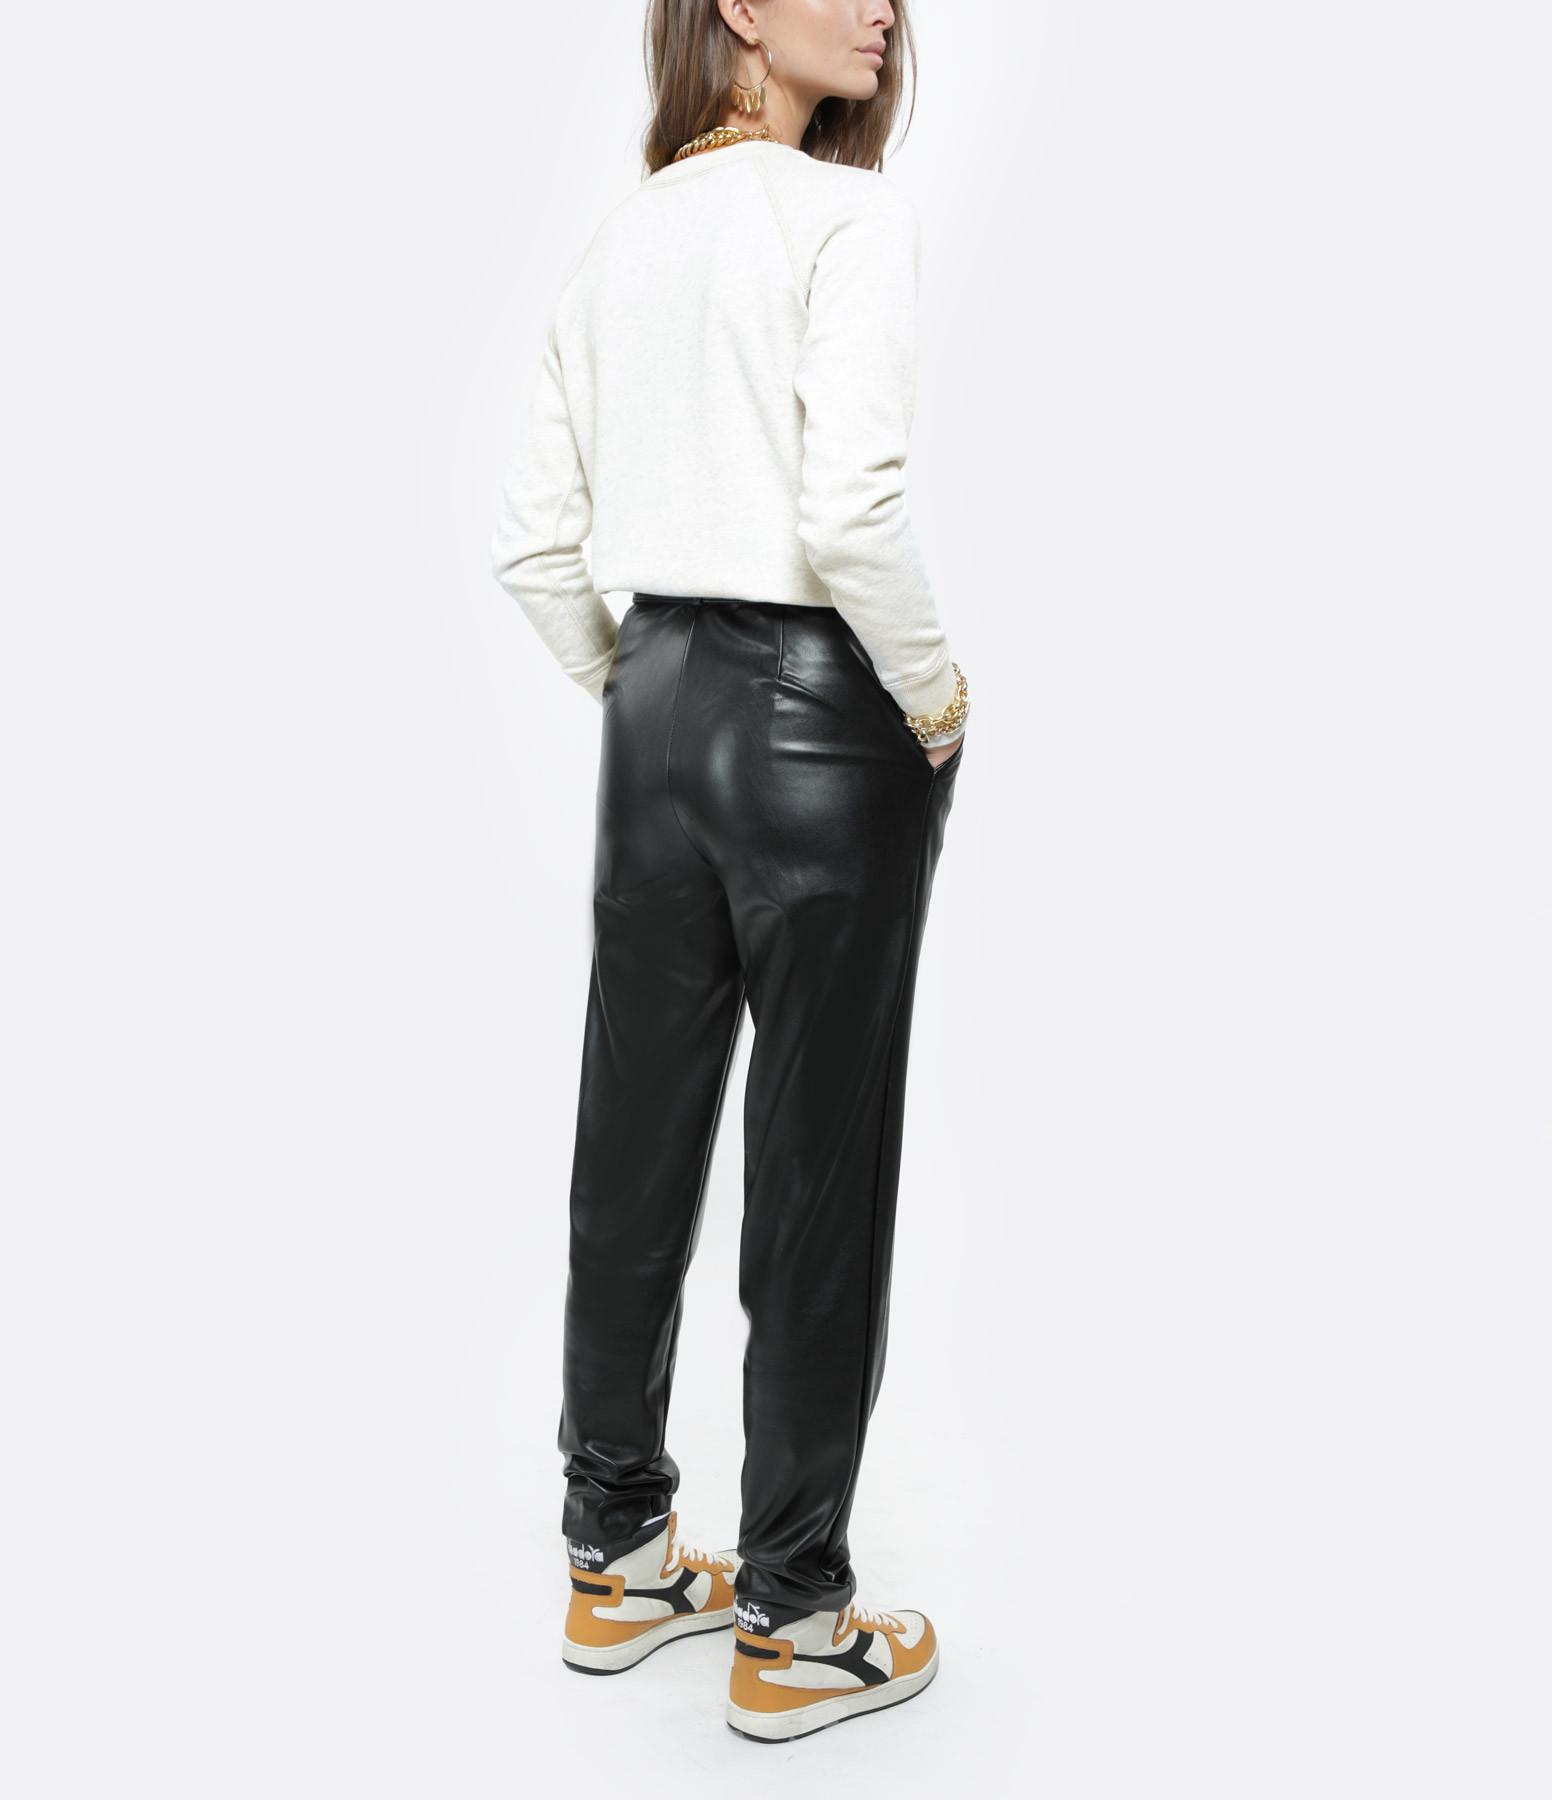 ANTIK BATIK - Pantalon Ninon Noir